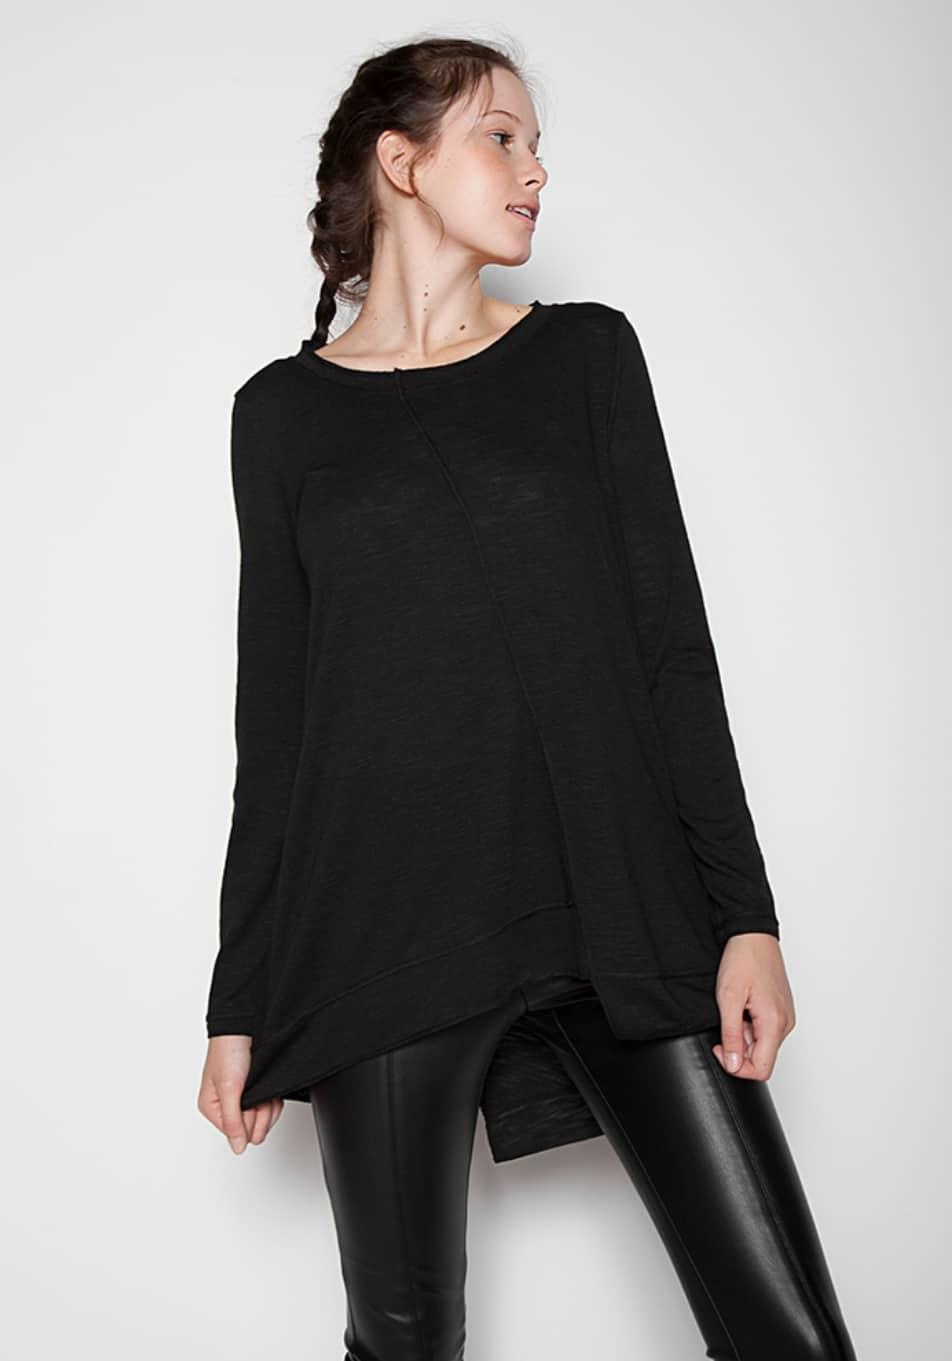 Γυναικεία μπλούζα ασύμμετρη με τρουακάρ μανίκι 8a73047cf95